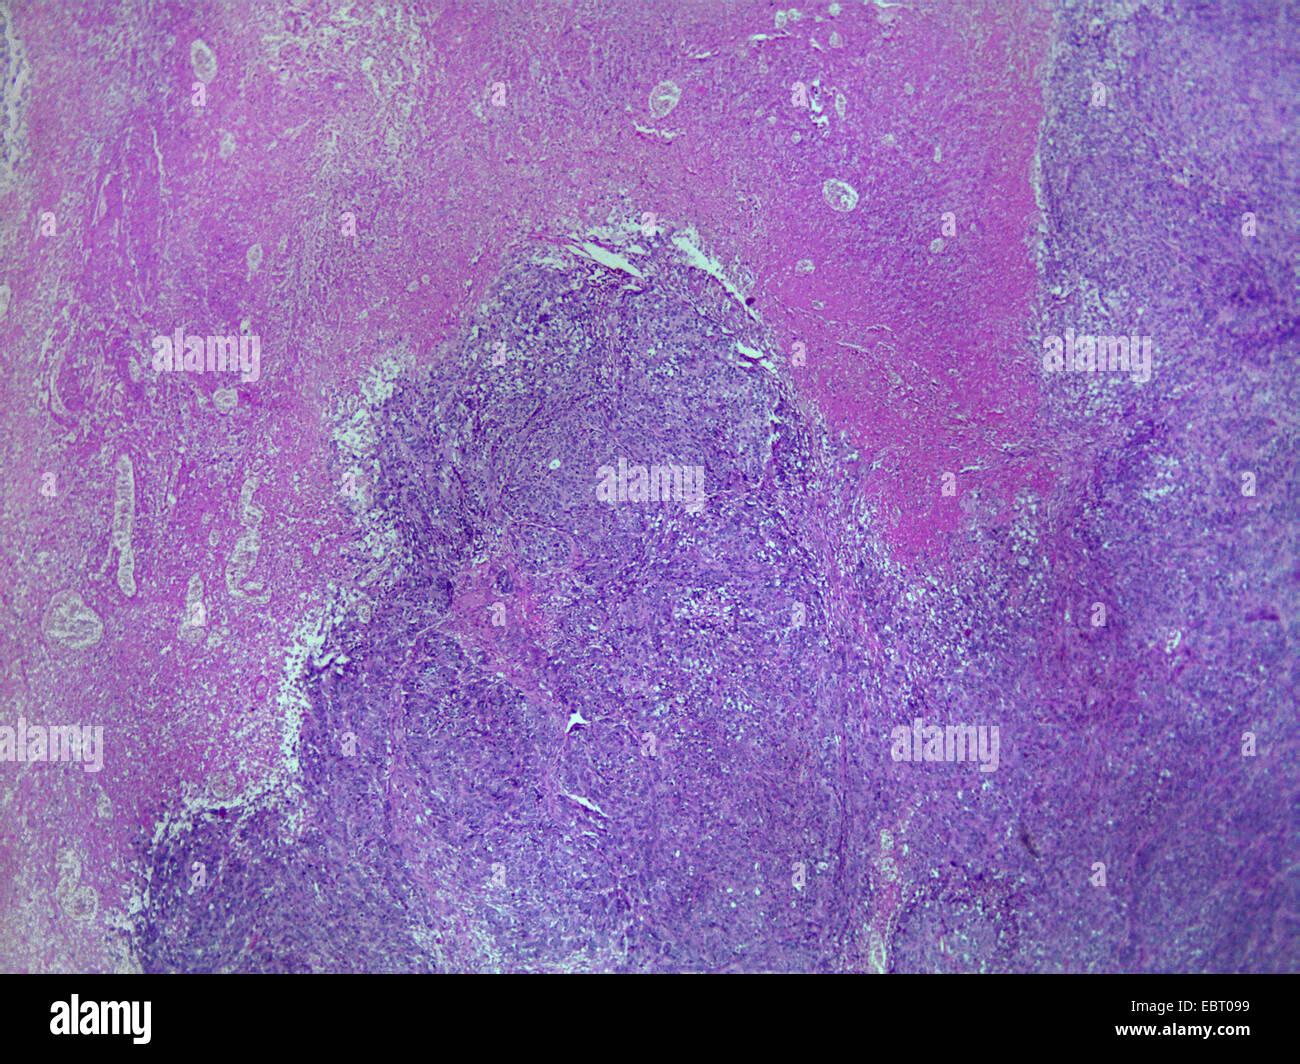 dermal cancer, 40 x - Stock Image